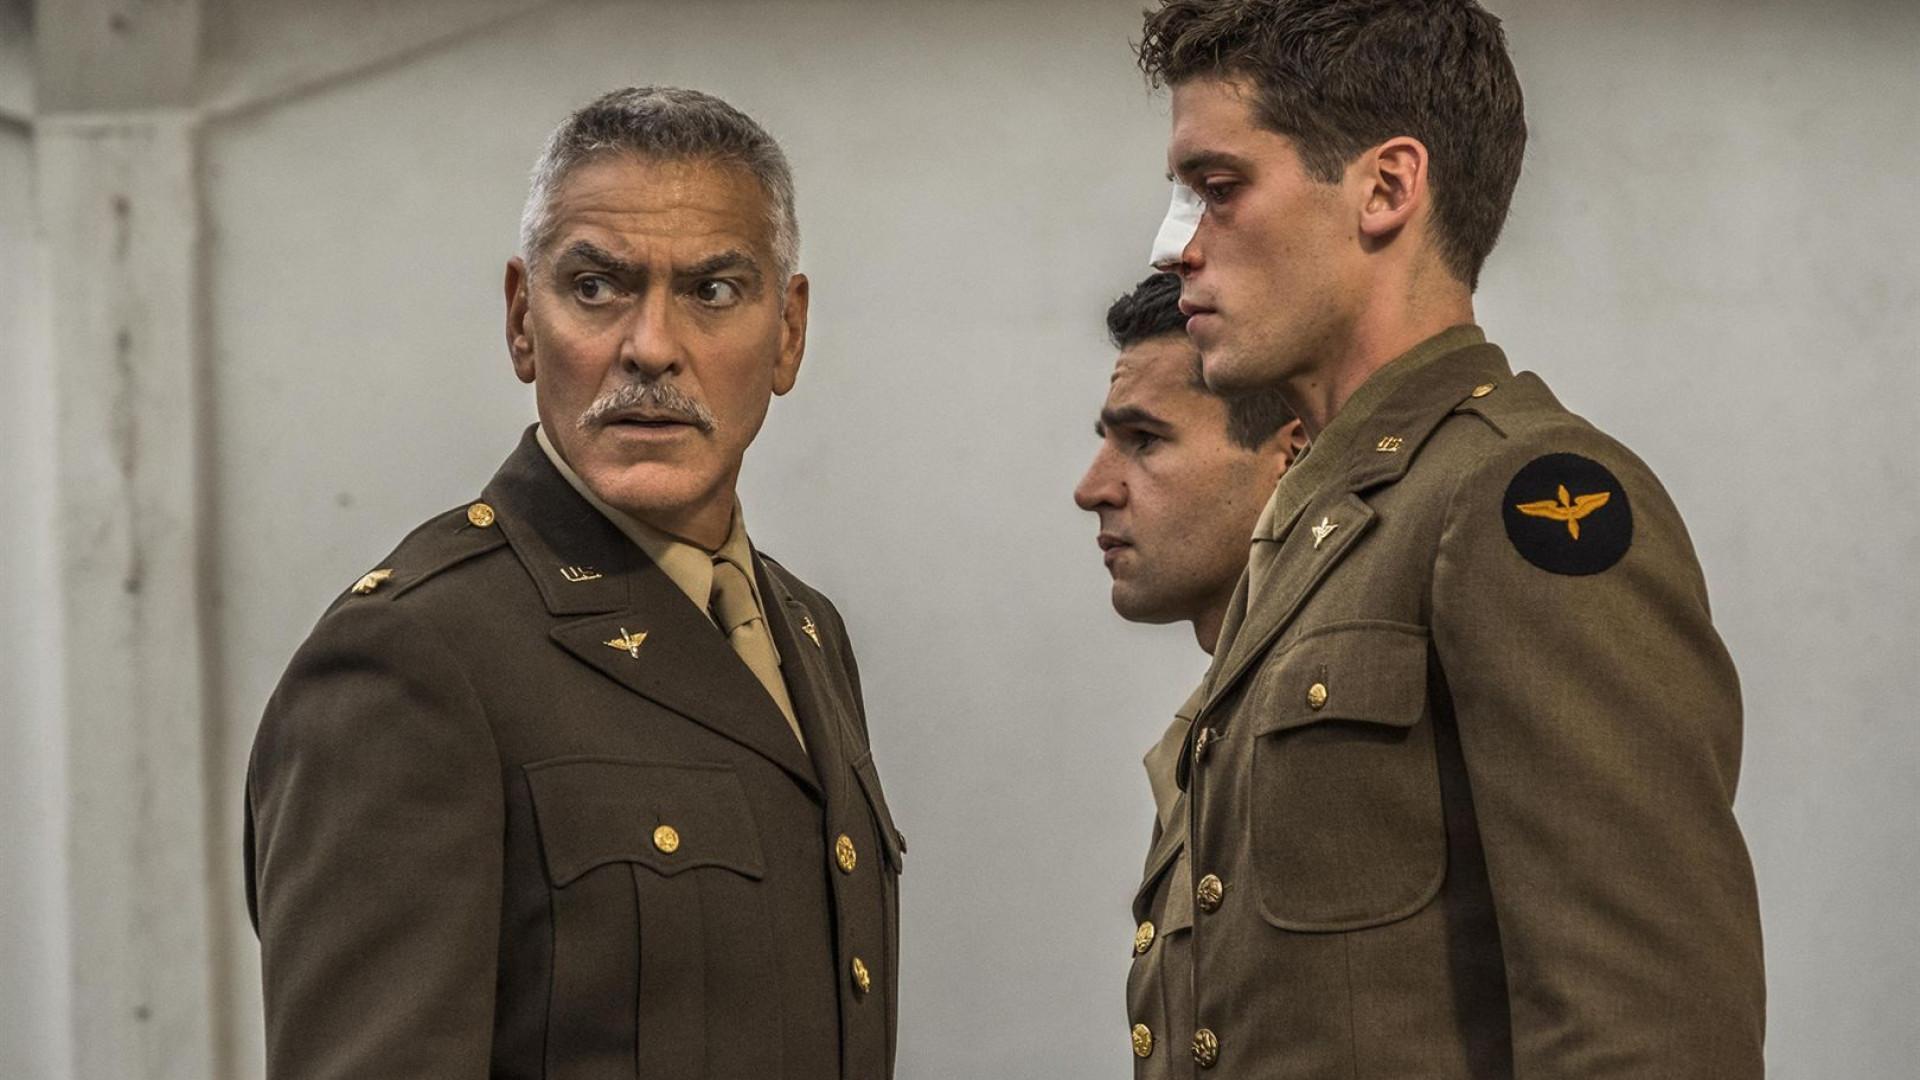 Eis as primeiras imagens que marcam o regresso de Clooney à televisão